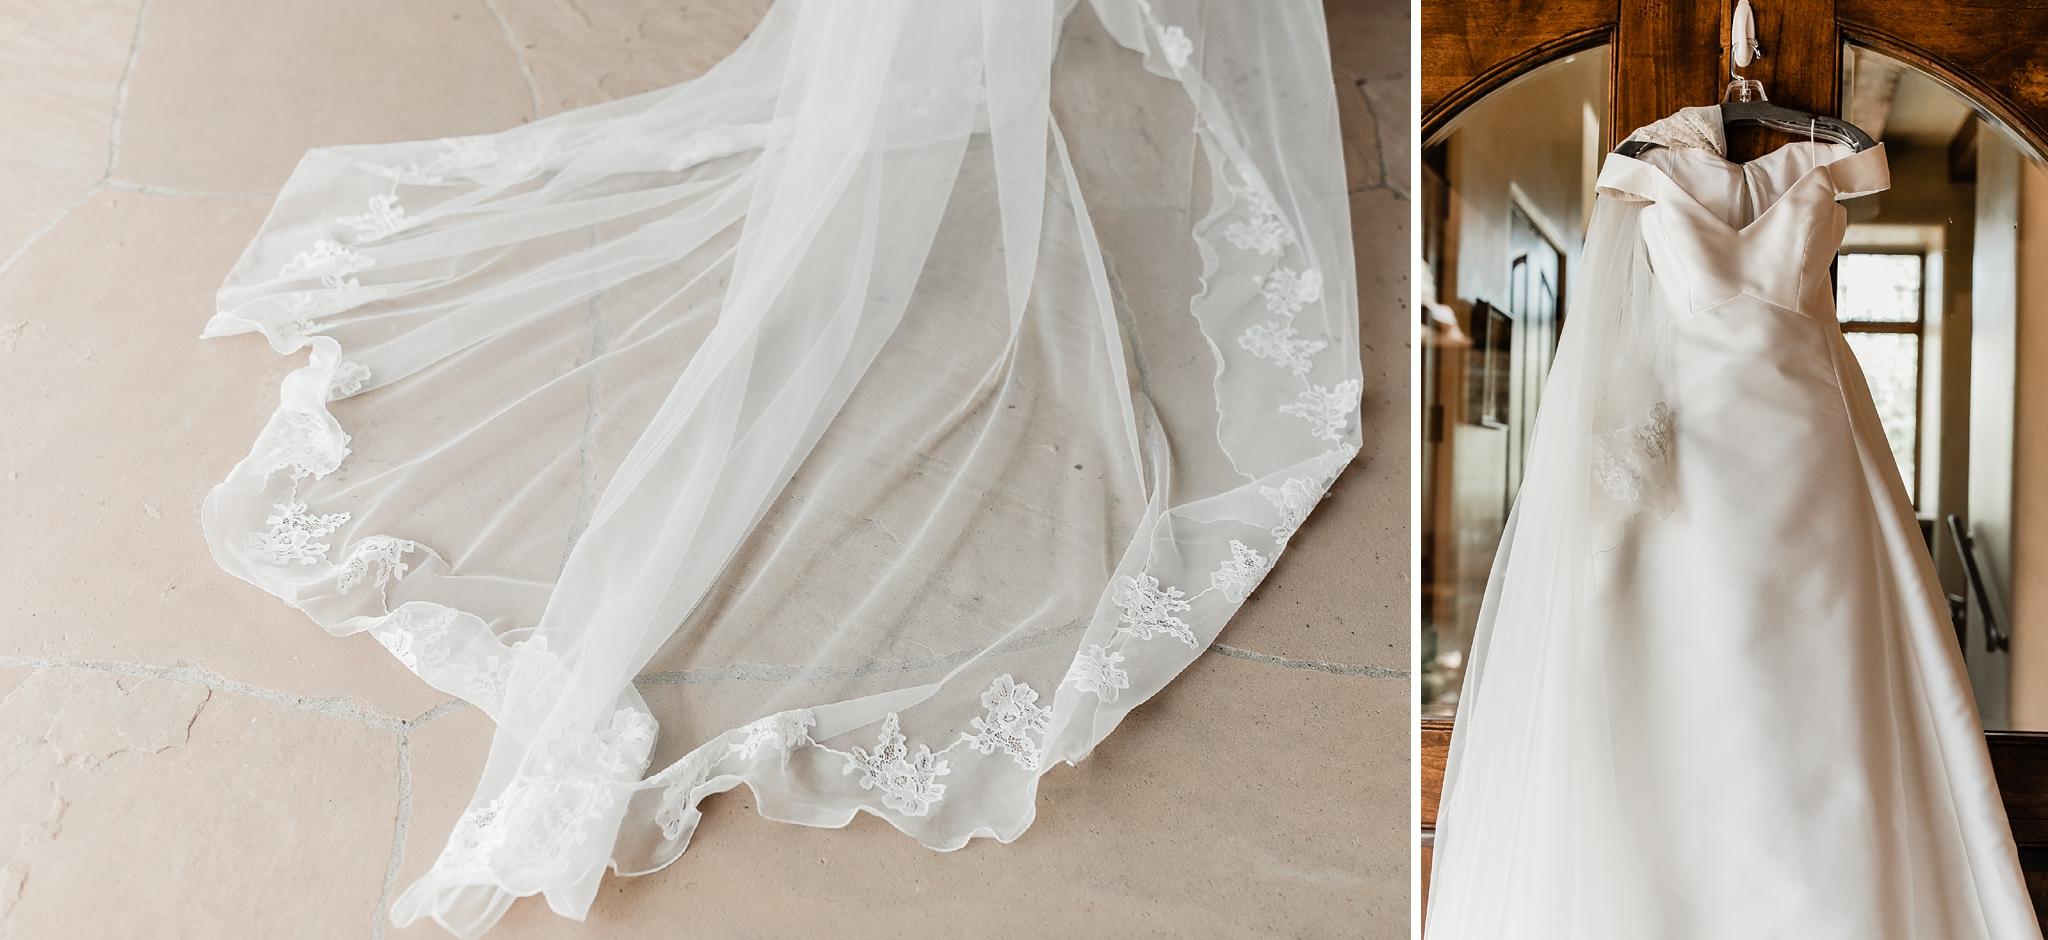 Alicia+lucia+photography+-+albuquerque+wedding+photographer+-+santa+fe+wedding+photography+-+new+mexico+wedding+photographer+-+new+mexico+wedding+-+las+campanas+wedding+-+santa+fe+wedding+-+maximalist+wedding+-+destination+wedding_0012.jpg